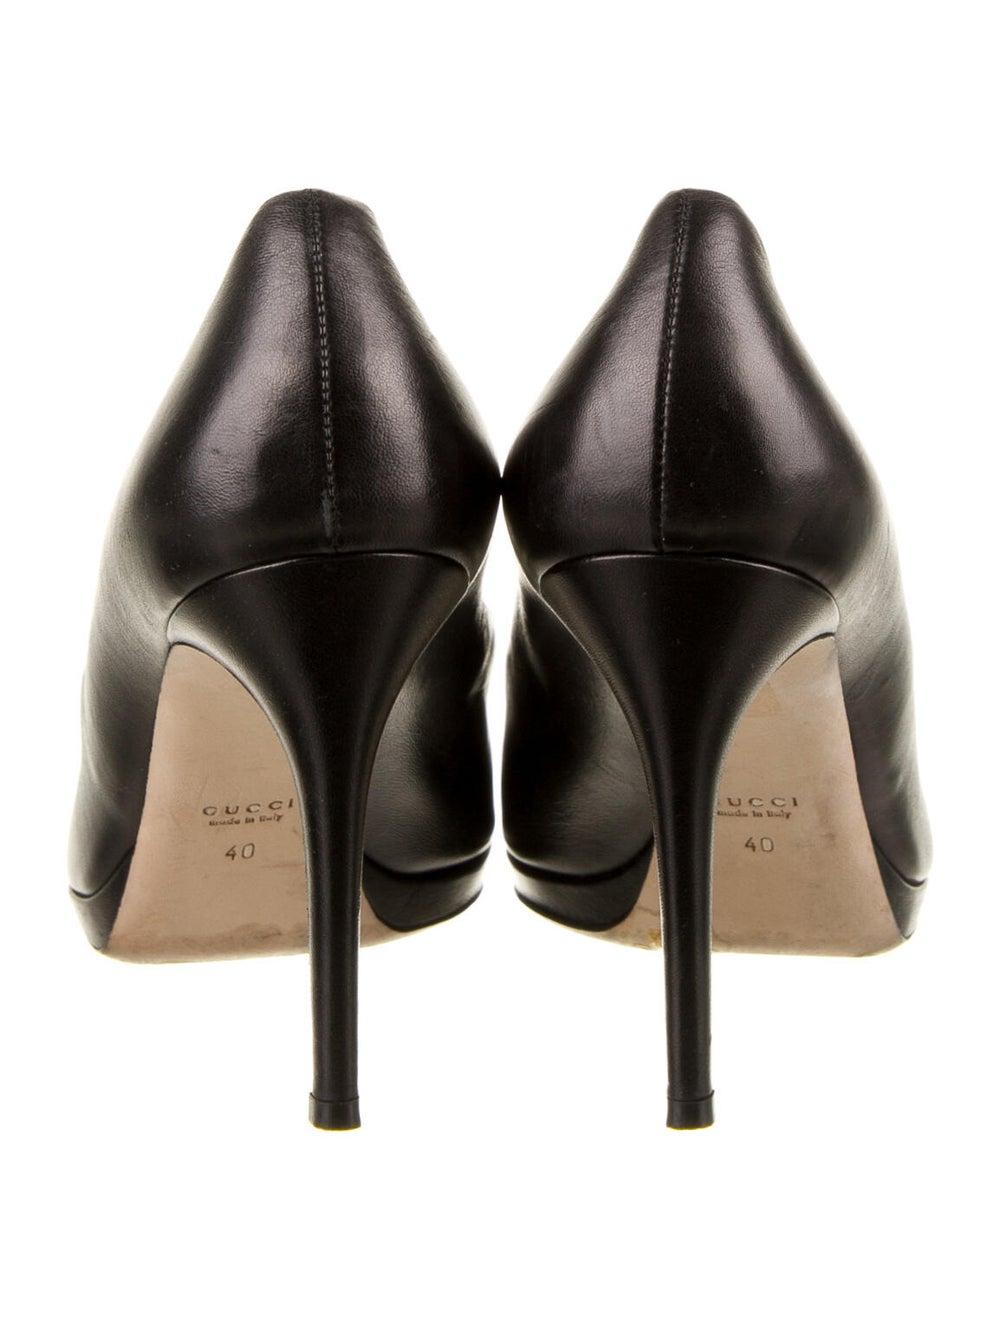 Gucci Horsebit Accent Leather Pumps Black - image 4